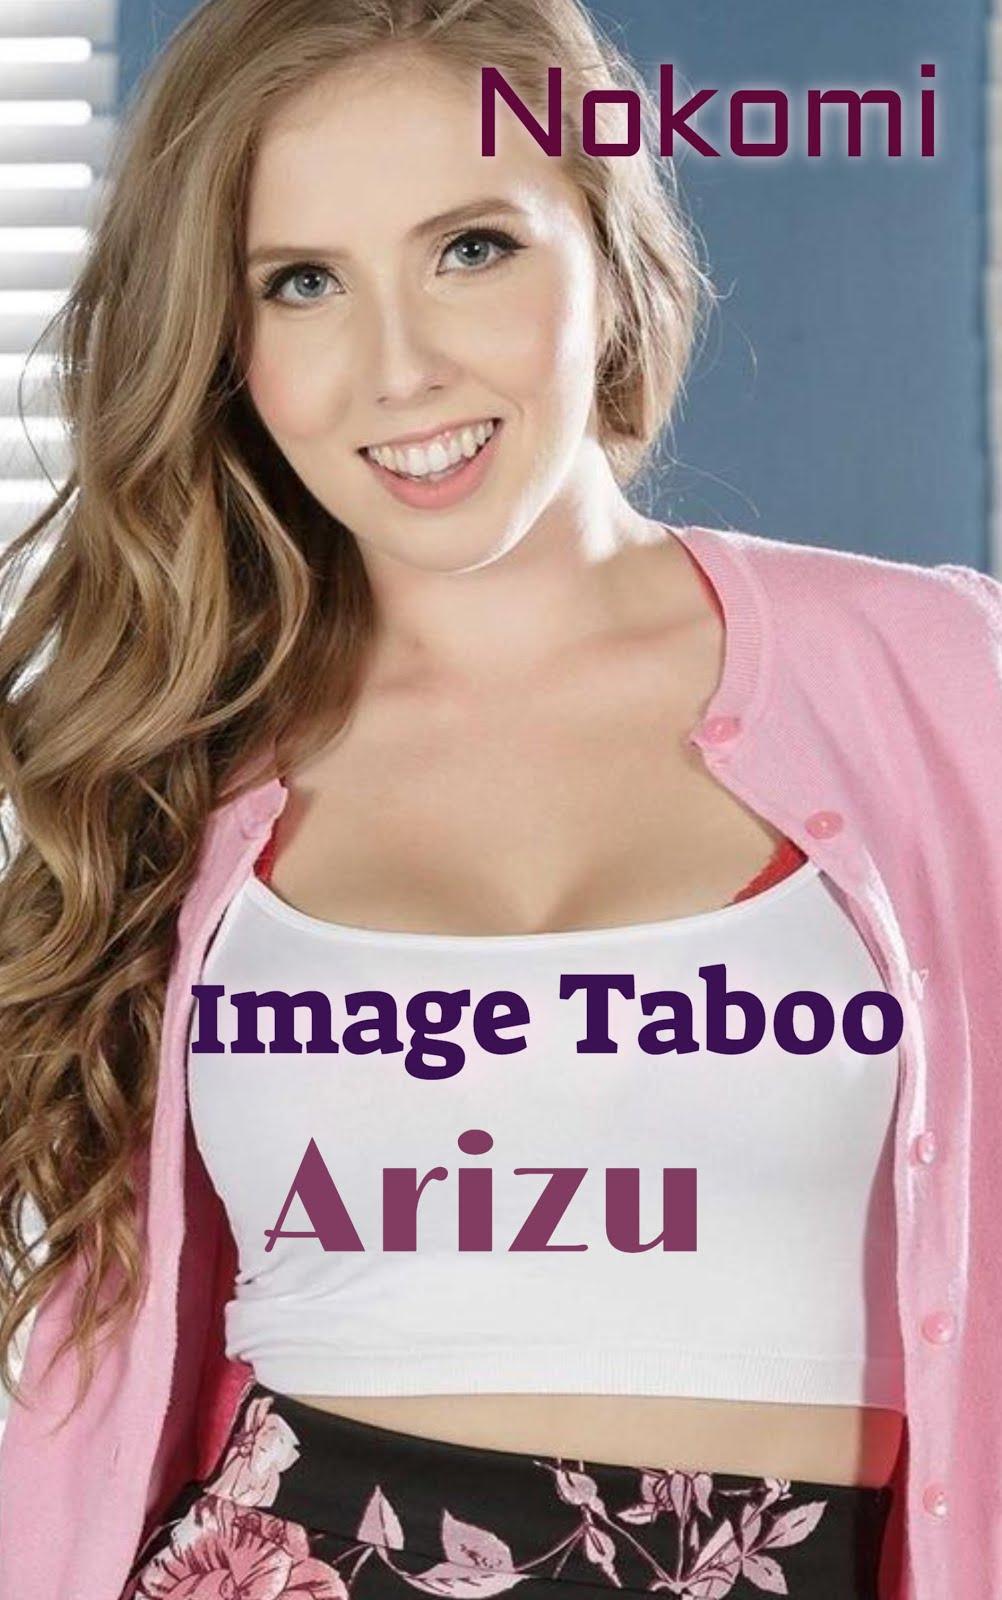 Image Taboo [Arizu]